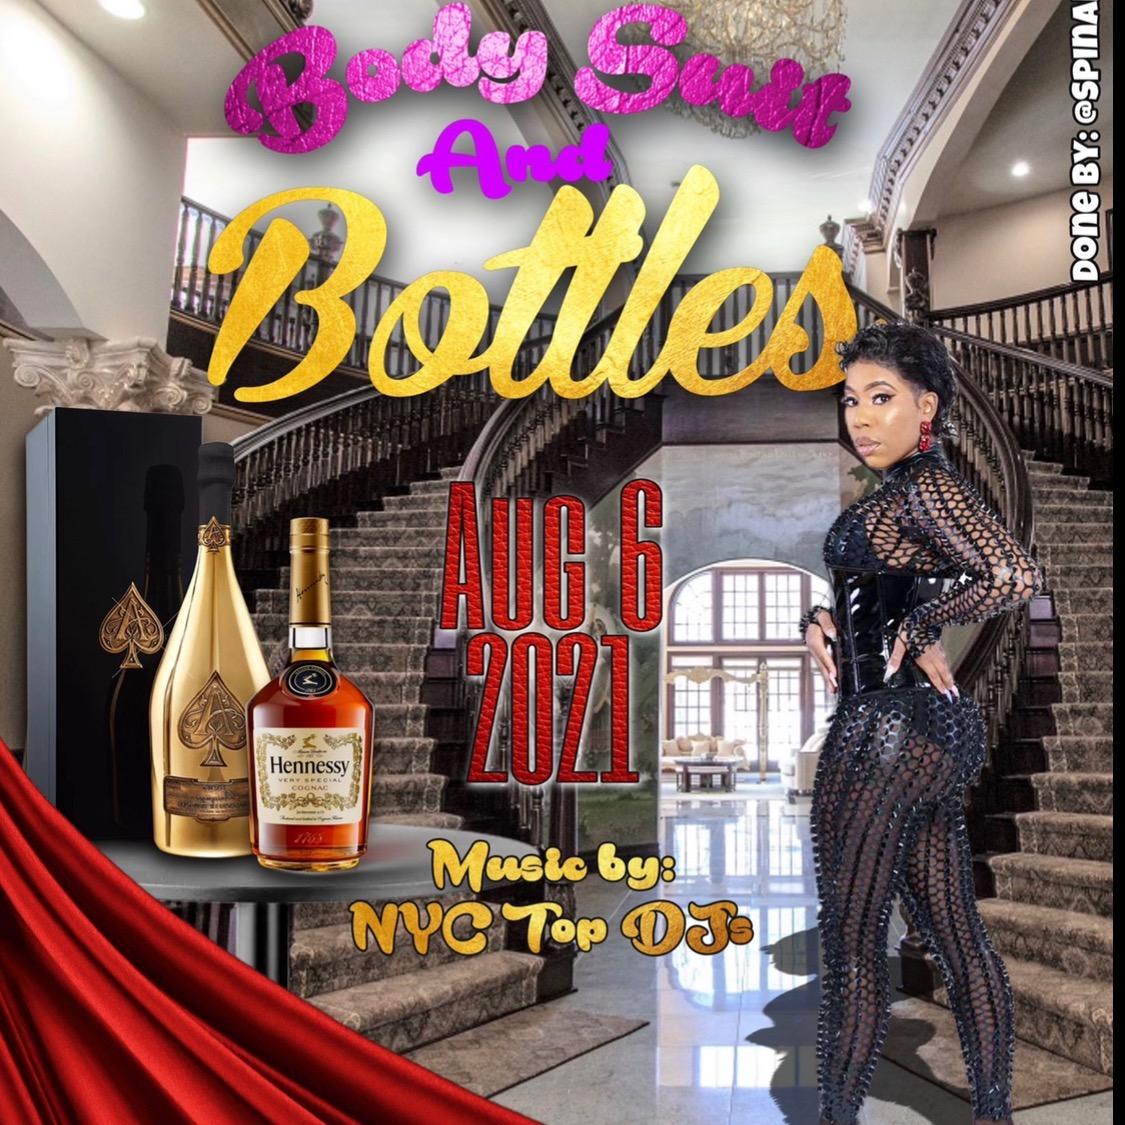 BodySuit and Bottles